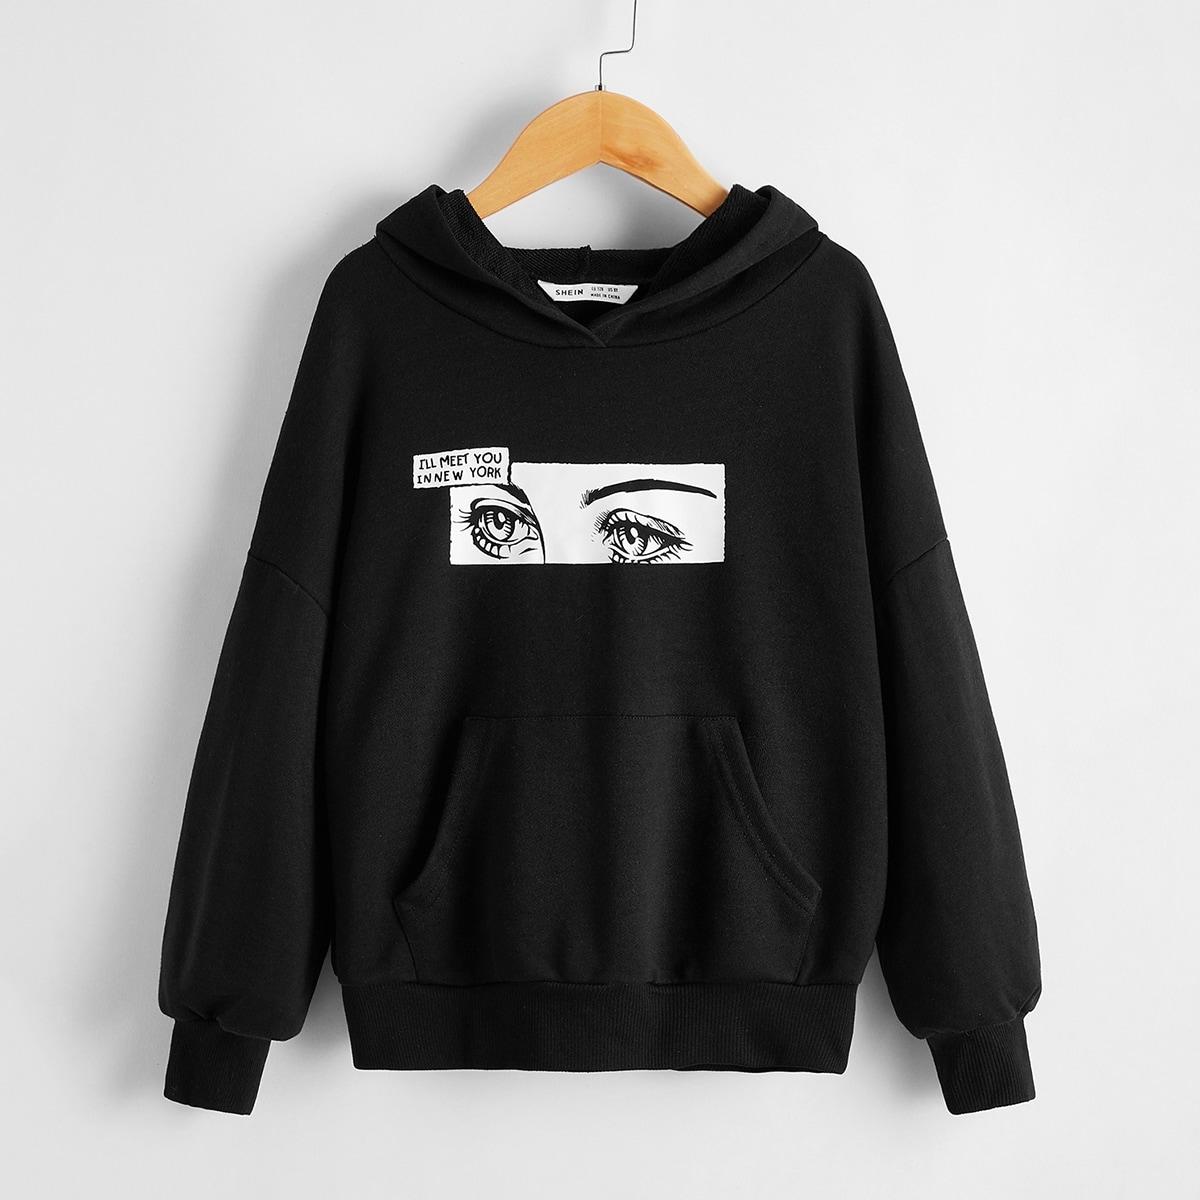 Пуловер с графическим принтом и карманом для девочек от SHEIN